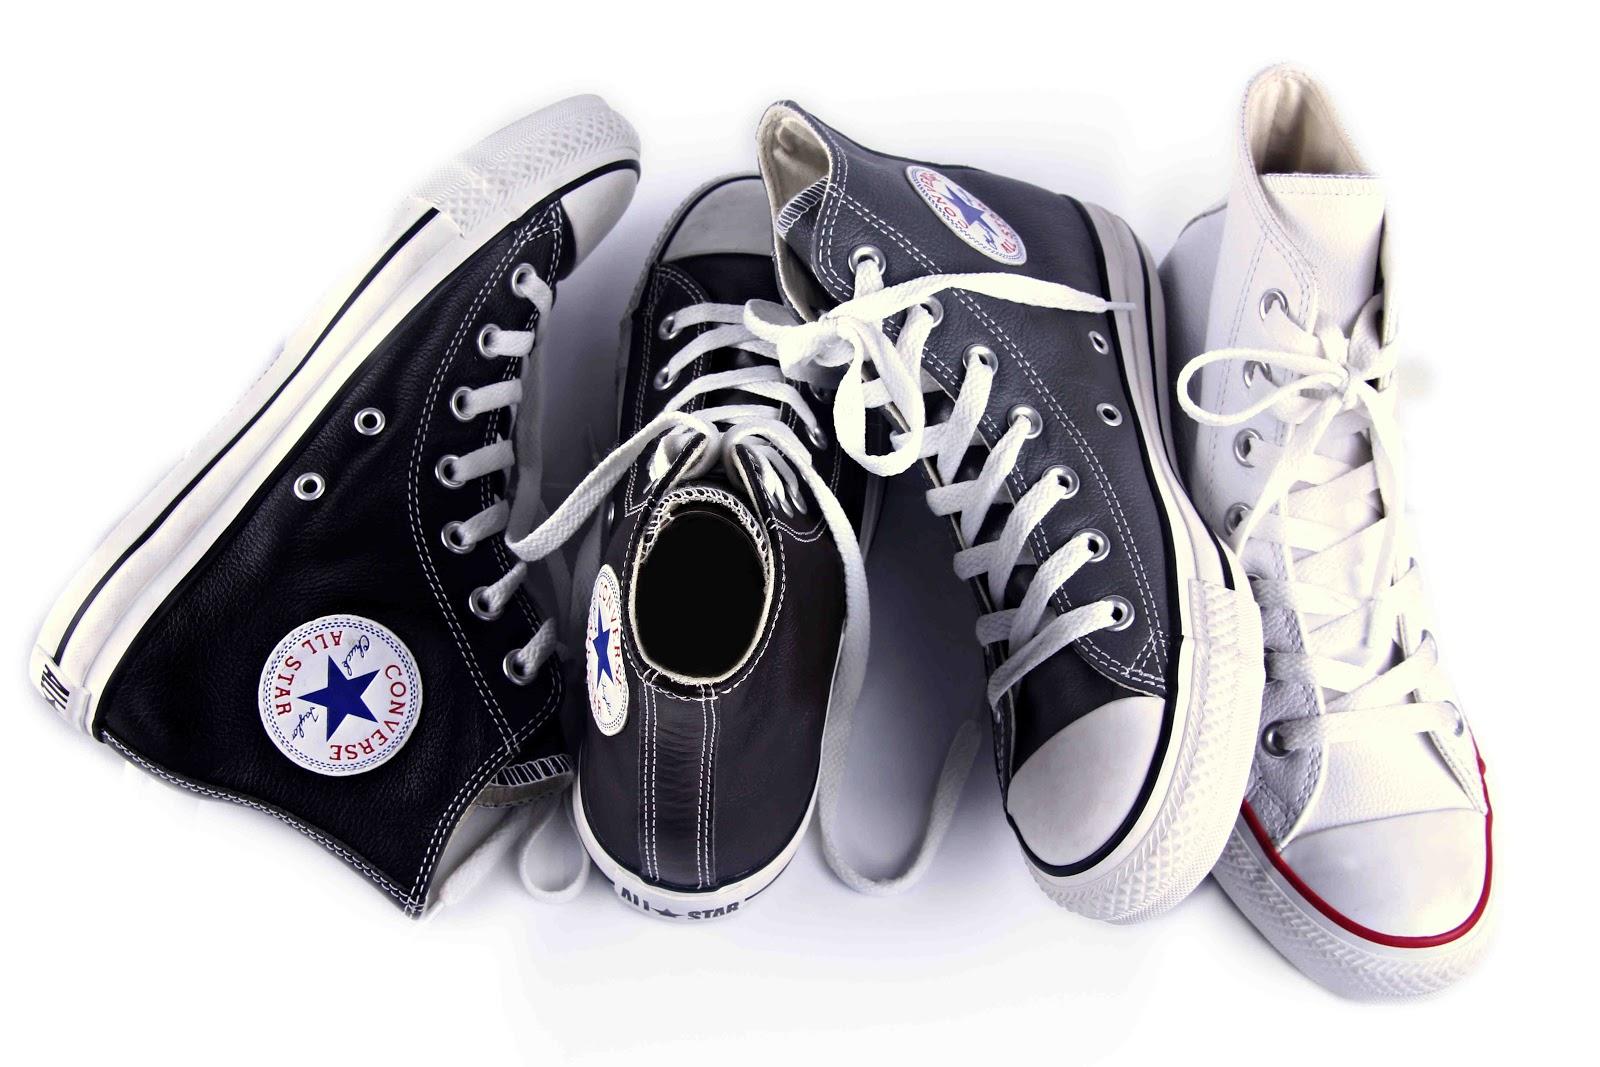 Seguro Privilegiado Disciplinario  Converse and their 2012 Fall Collection - Blog for Tech & Lifestyle